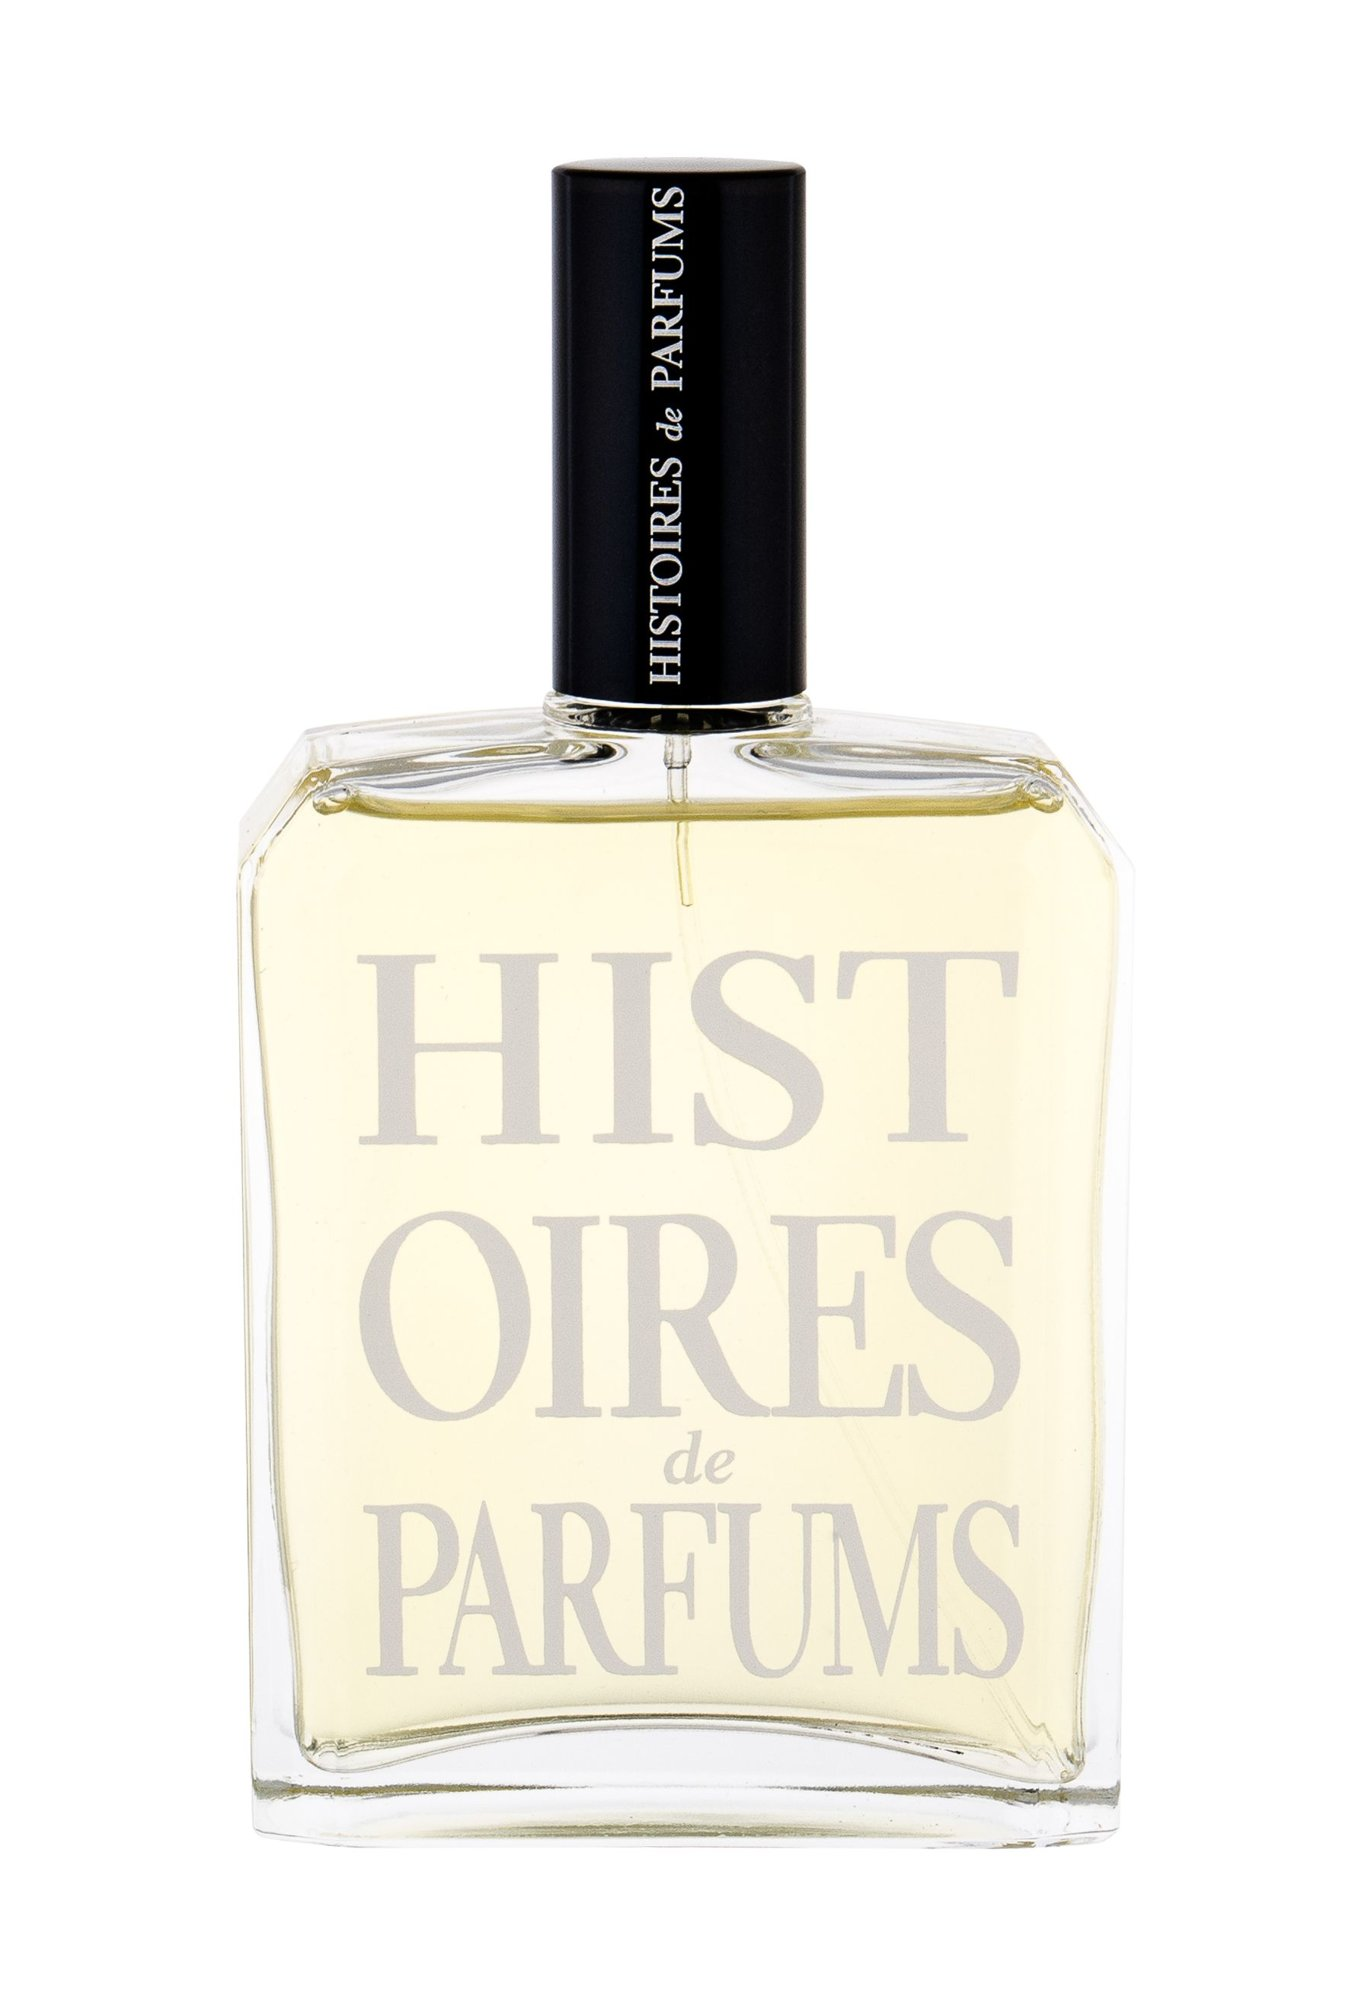 Histoires de Parfums Blanc Violette Eau de Parfum 120ml